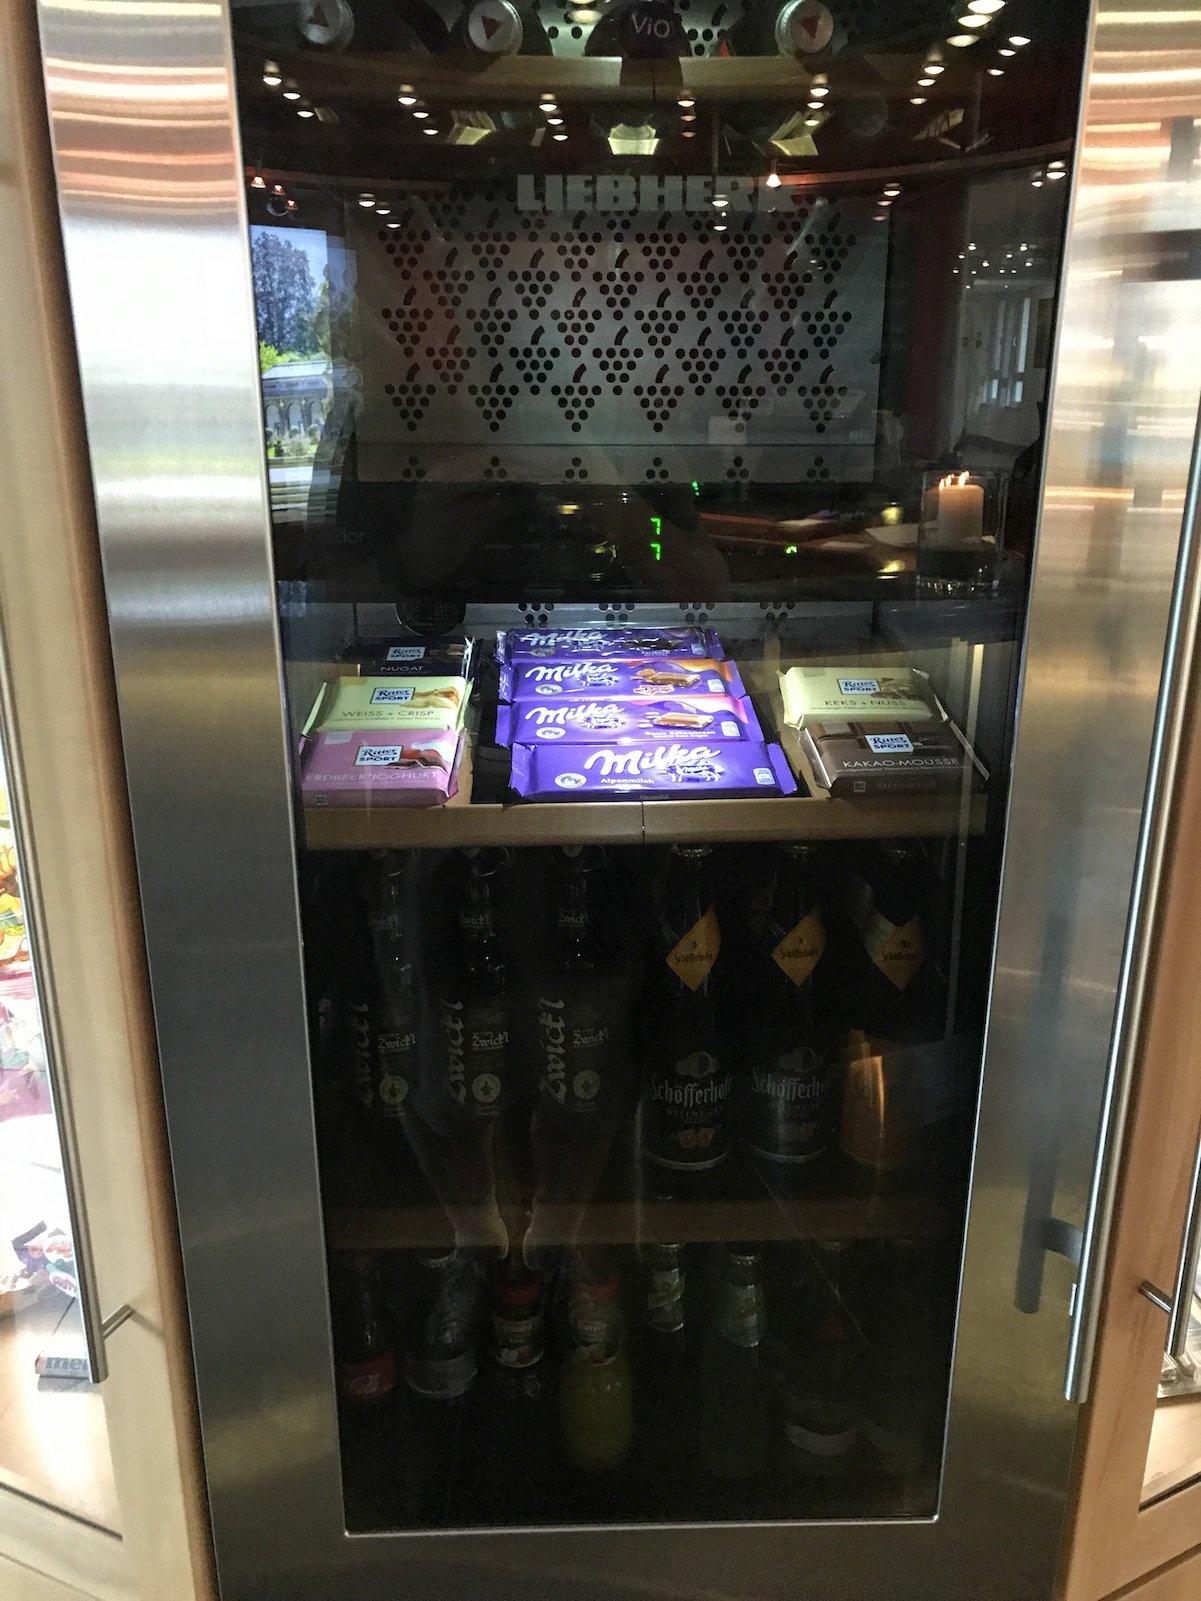 Kühlschrank mit Getränken und Snacks